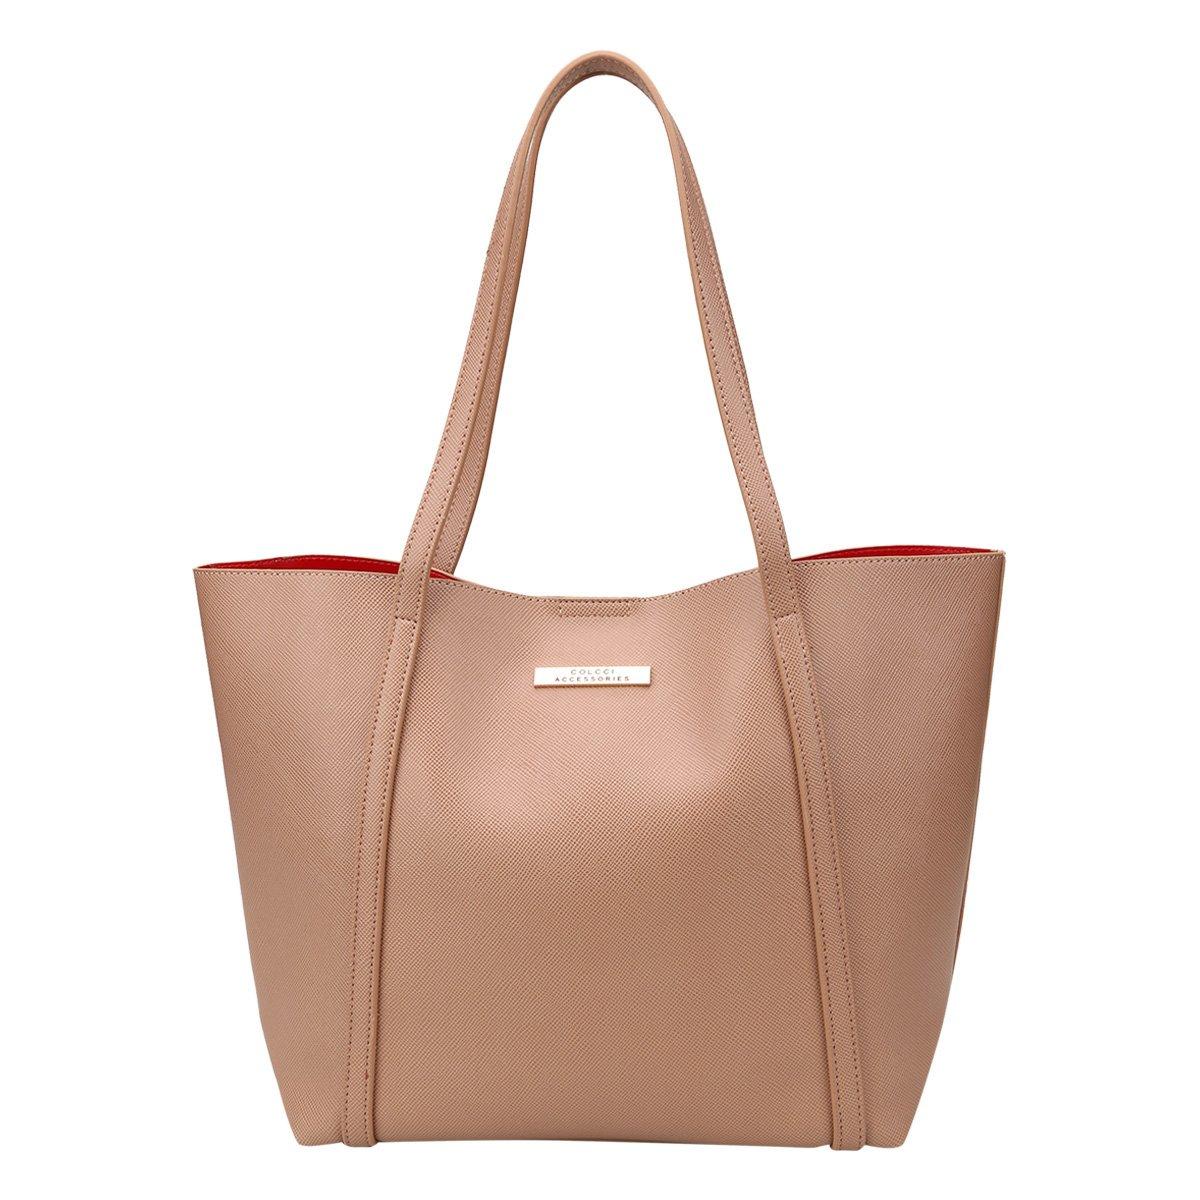 b25c2c19e Bolsa Colcci Shopper Plaquinha Feminina | Livelo -Sua Vida com Mais ...